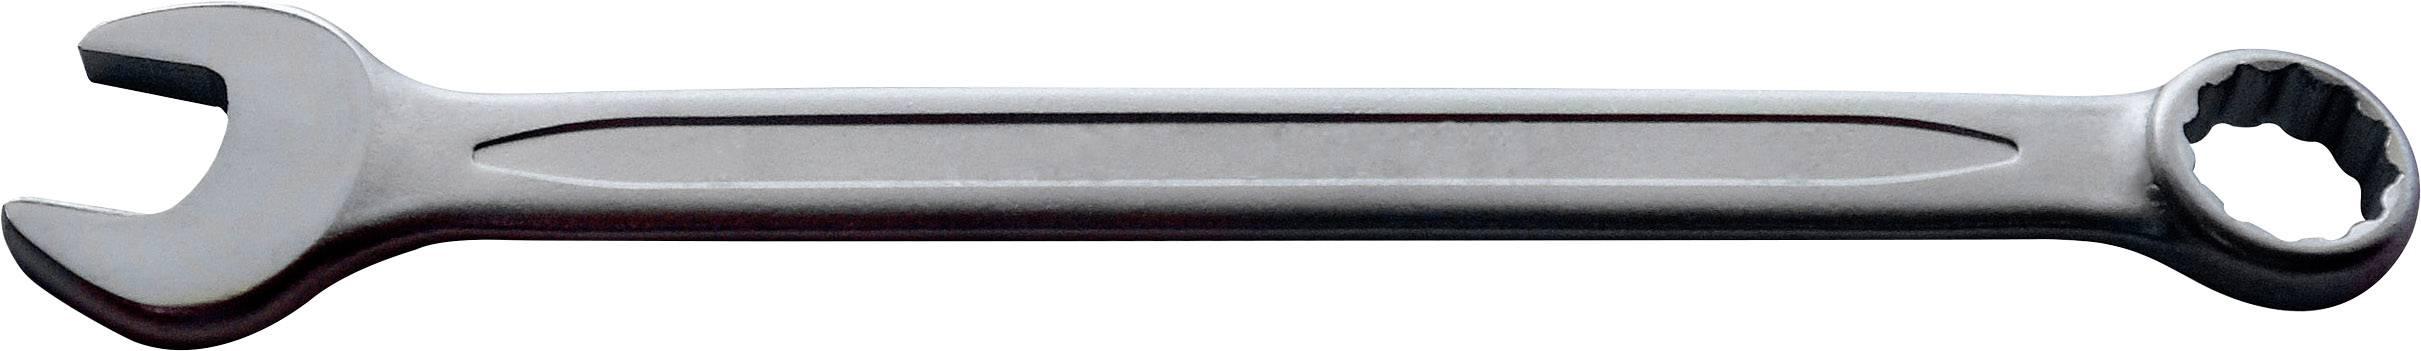 Očkoplochý klíč TOOLCRAFT 820832, DIN 3113 Form A, 8 mm